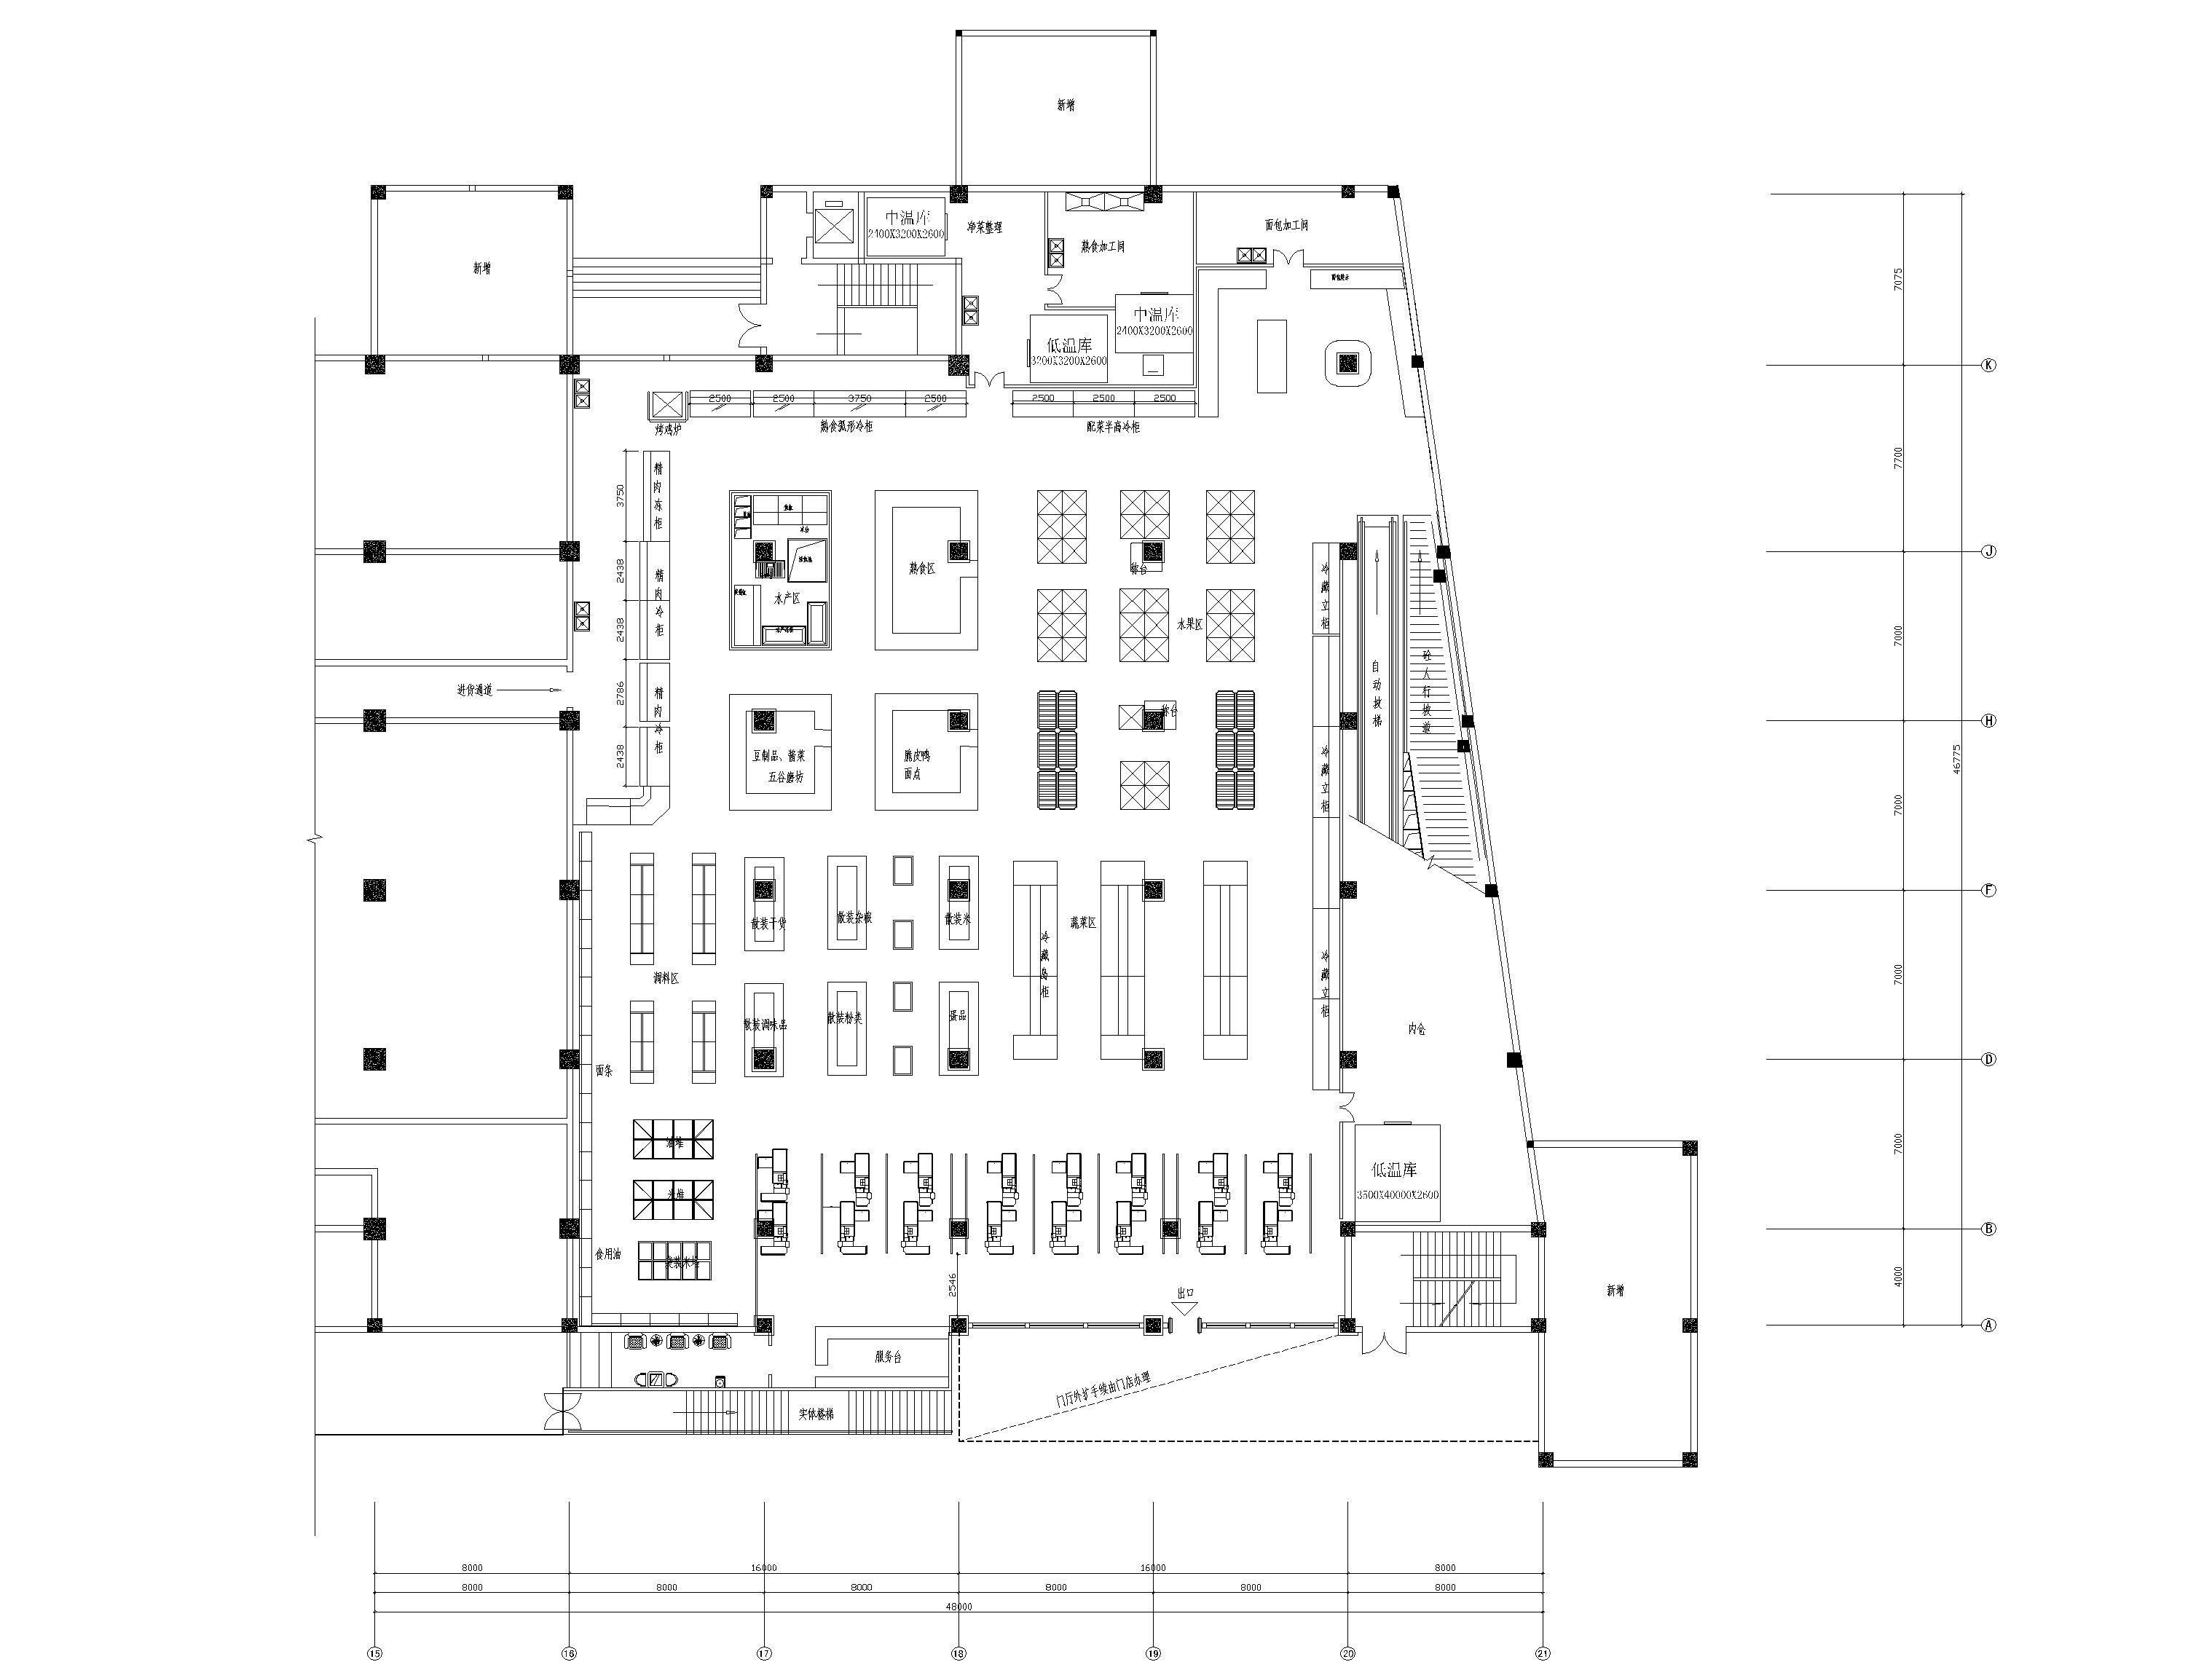 布局平面v布局_平面设计_宴厅图文布局-007室内设计平面配图片